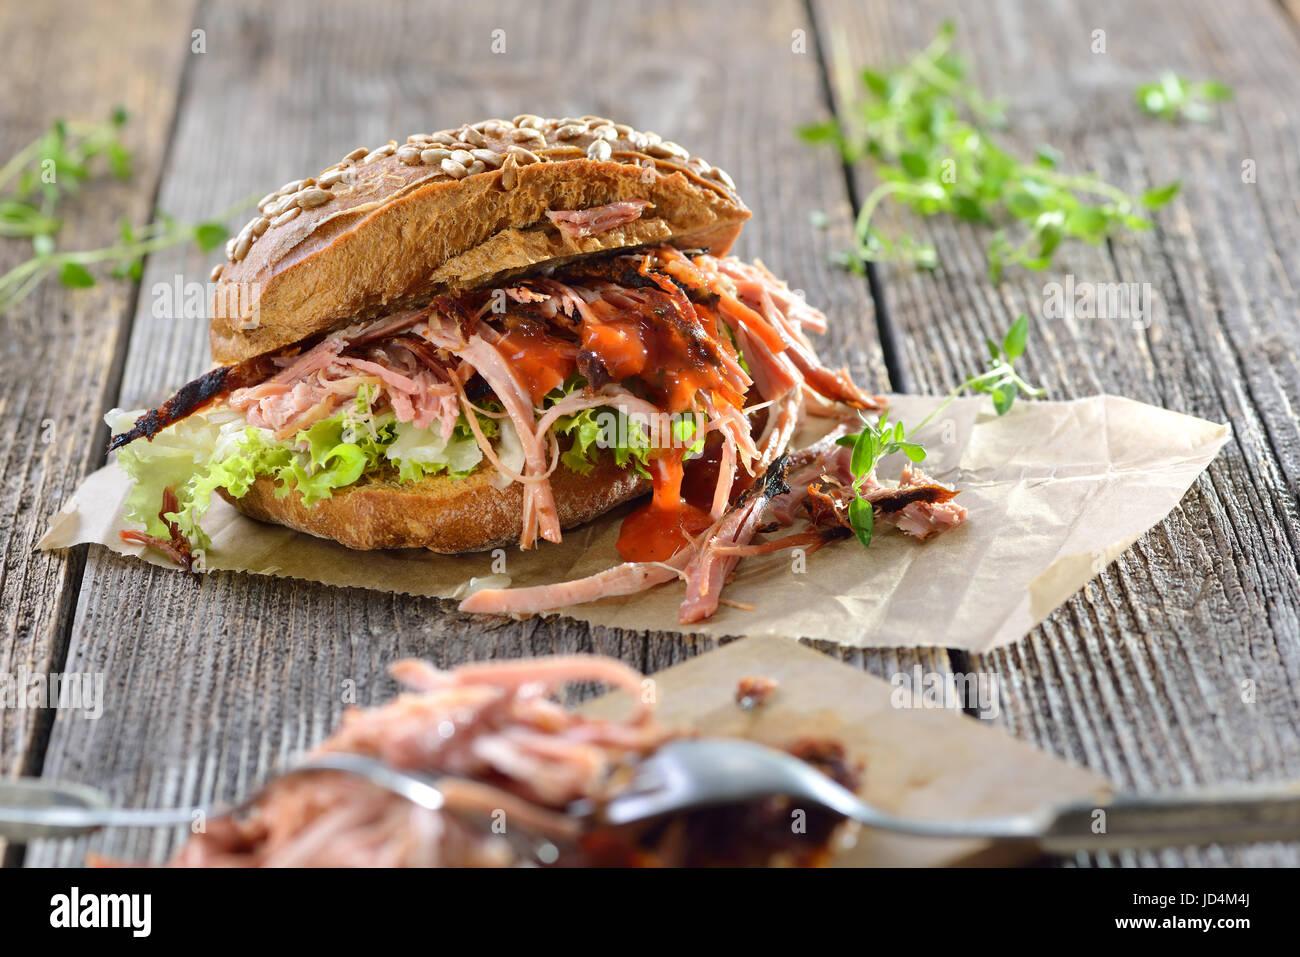 Cucina di strada: barbecue di carne di maiale tirato sandwich integrale con coleslaw, hot BBQ SAUCE servita su carta Immagini Stock